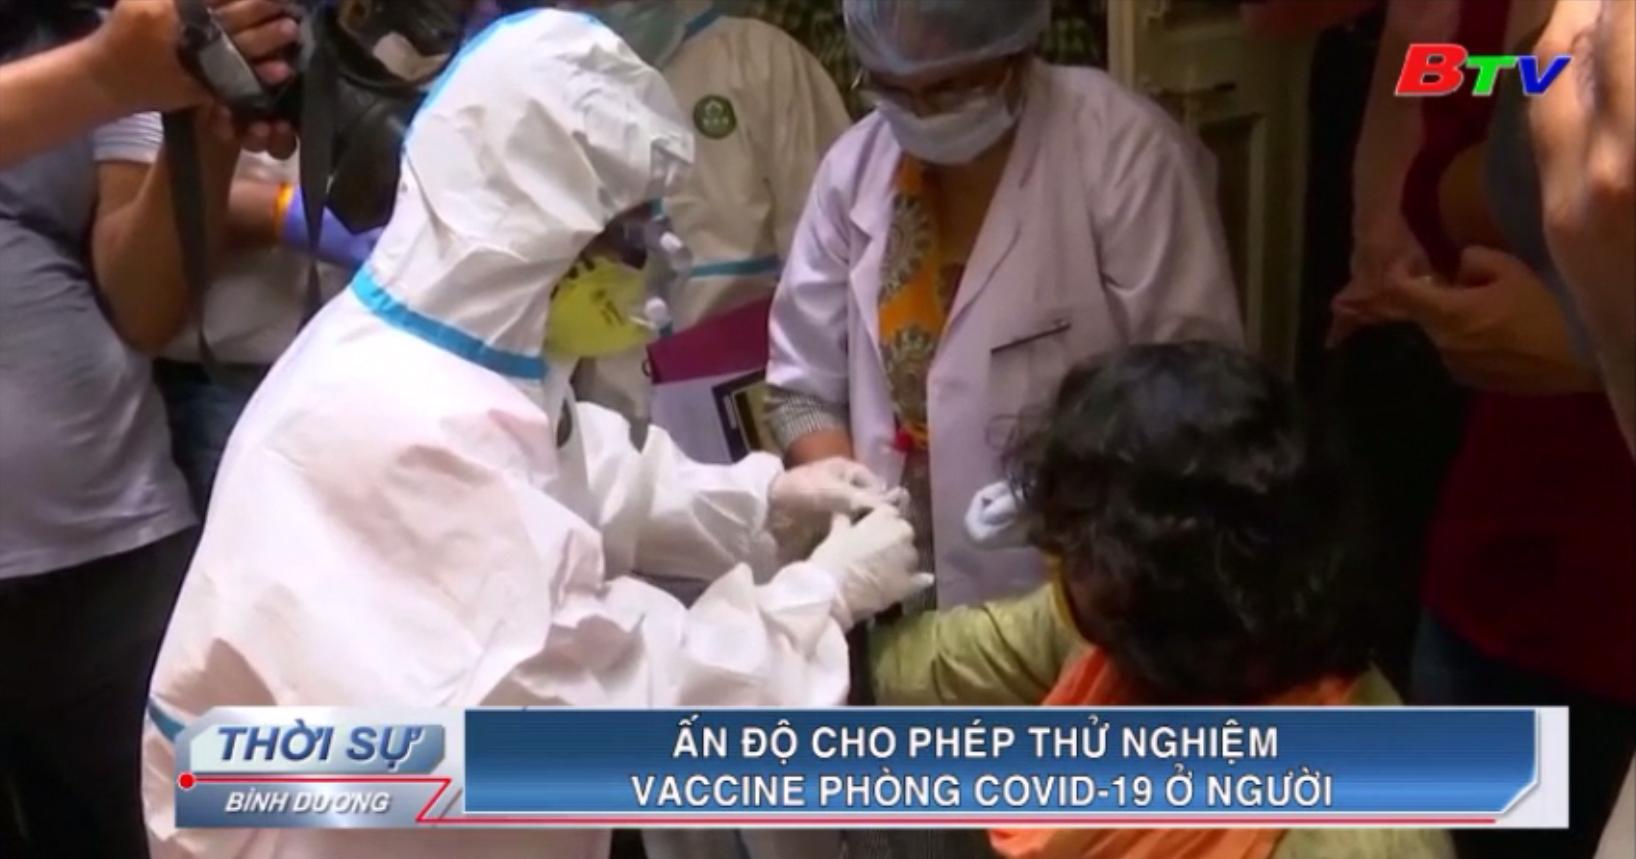 Ấn Độ cho phép thử nghiệm vaccine phòng Covid-19 ở người